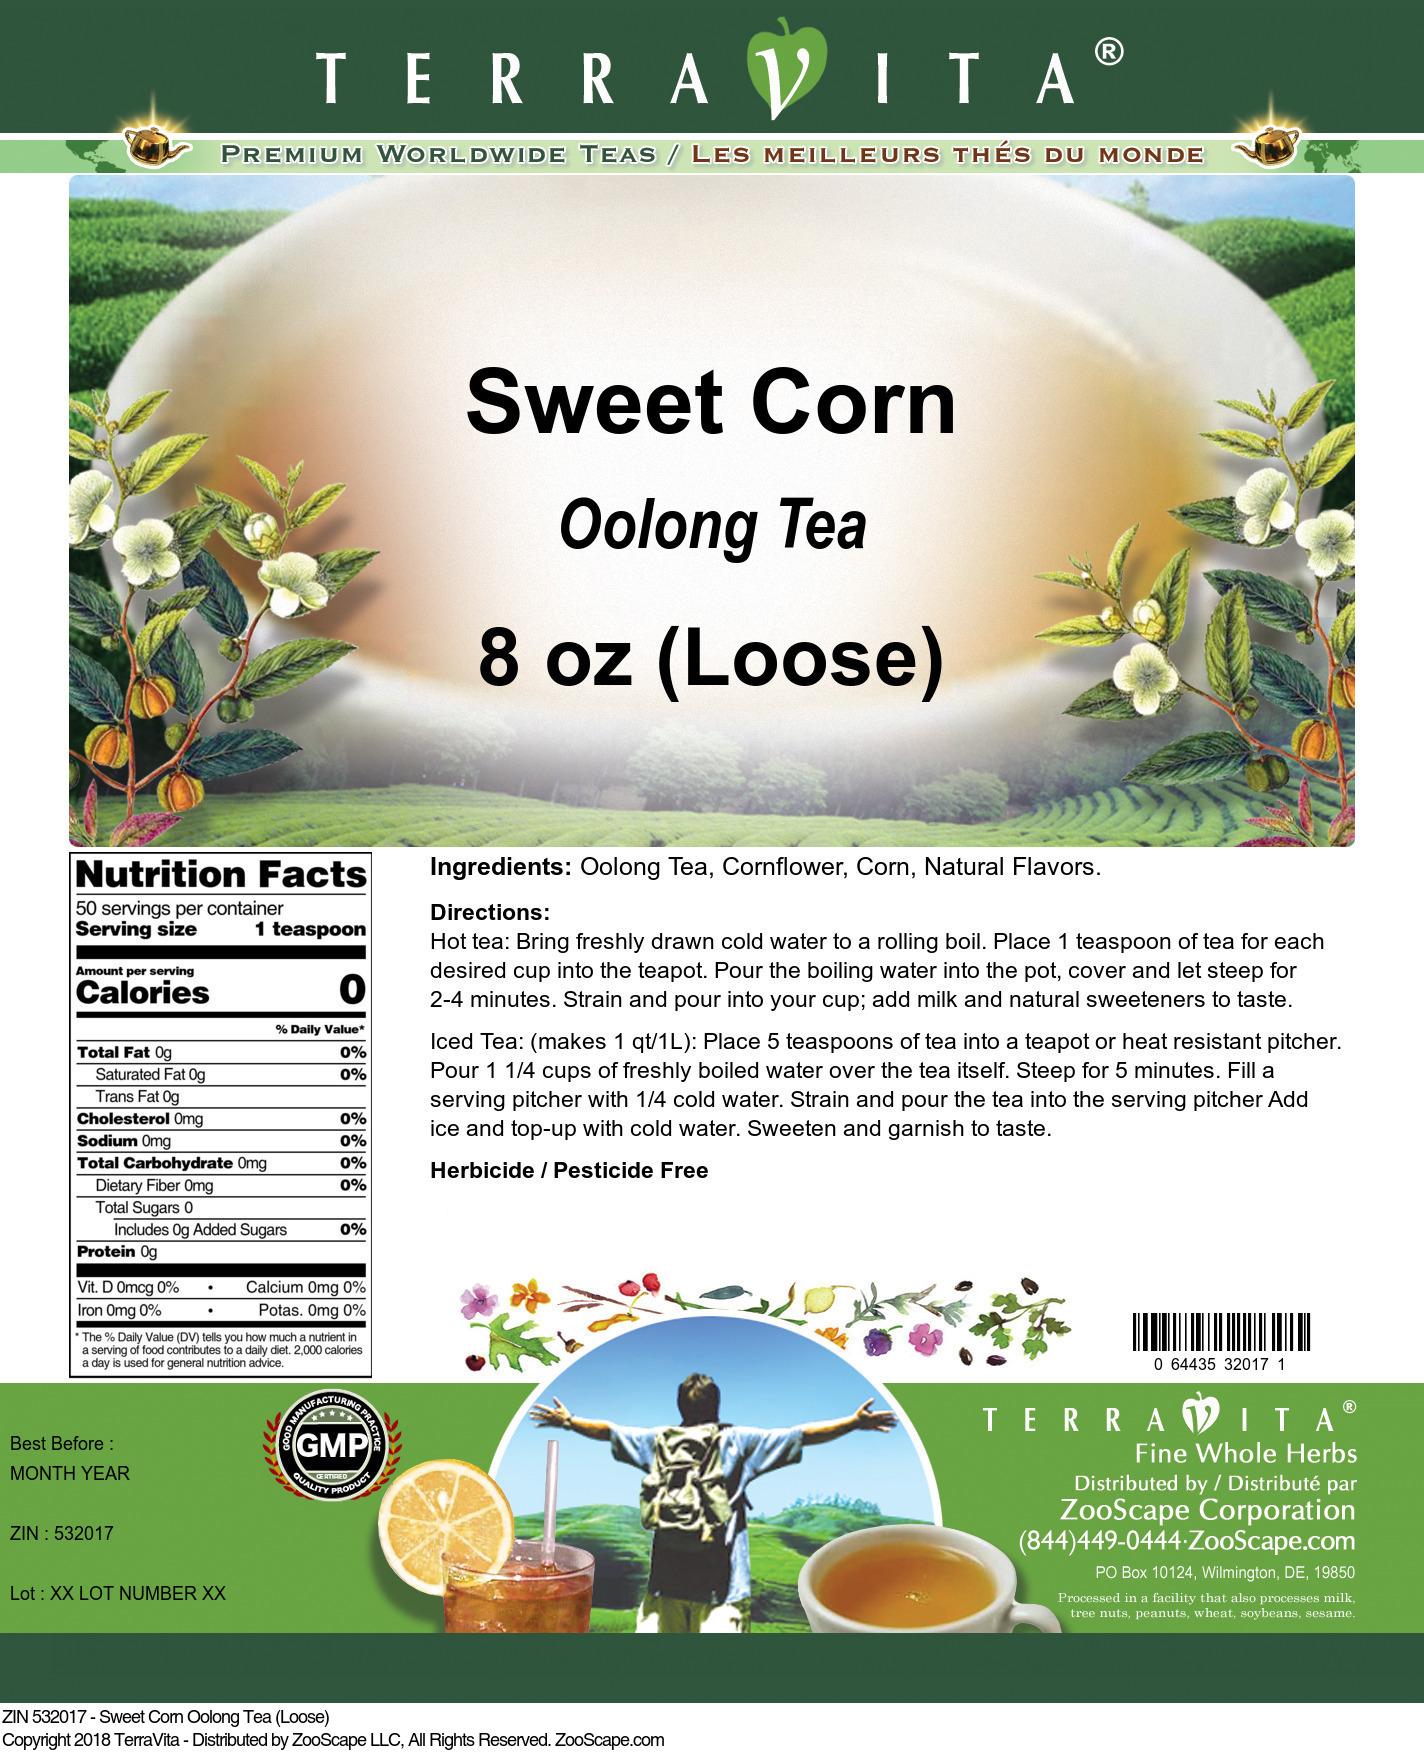 Sweet Corn Oolong Tea (Loose)